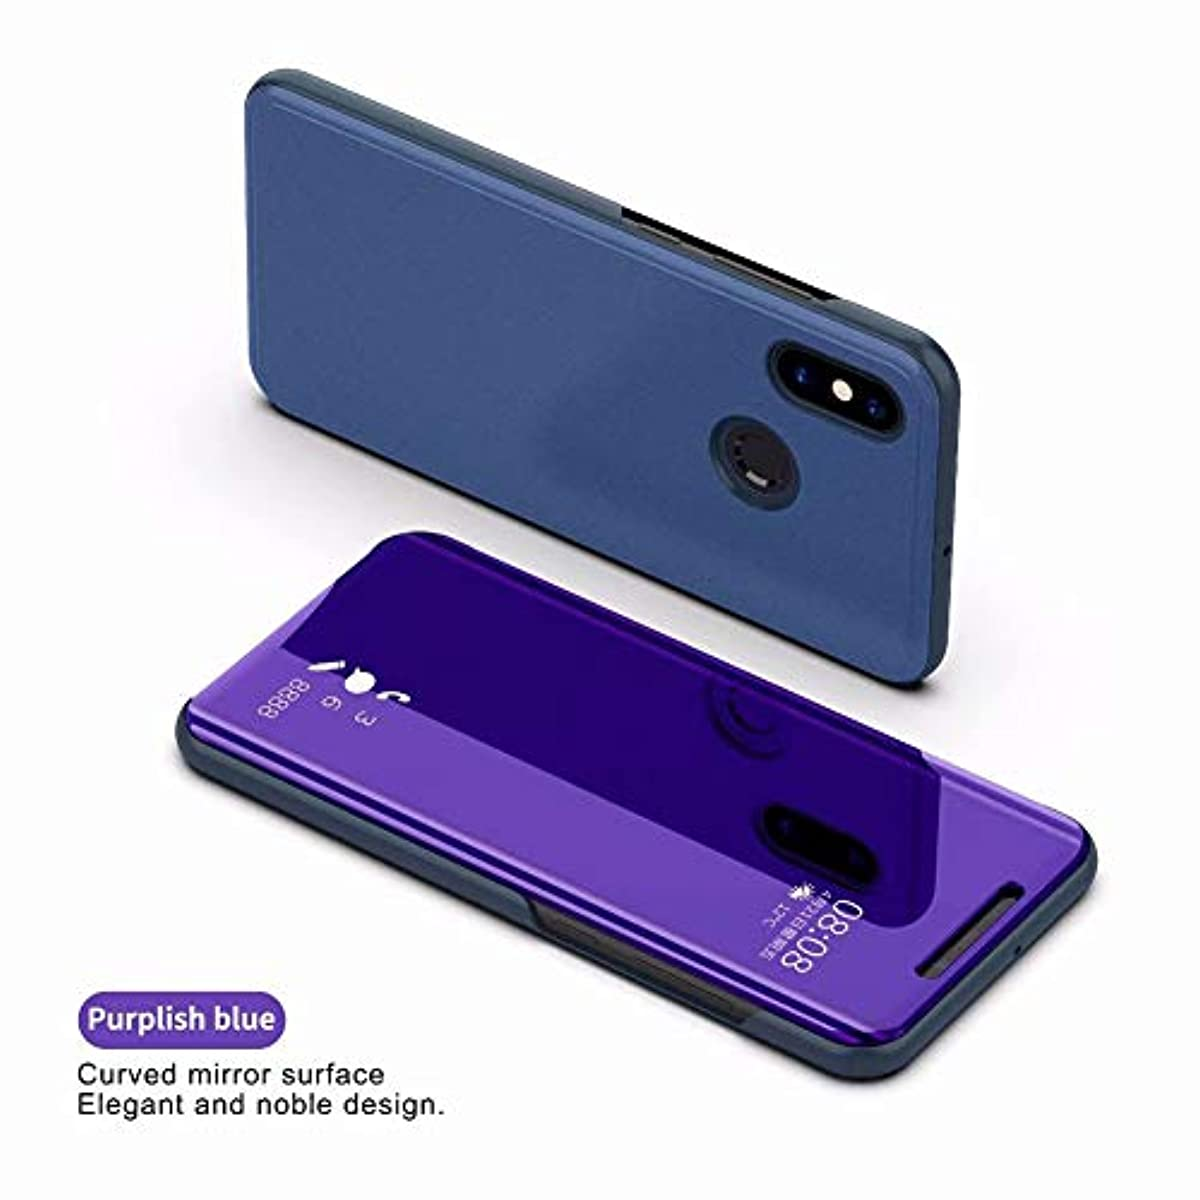 拍手拍手大臣携帯電話ケース - スマートスリーピングホルスターミラーフリップブラケットカバー 耐衝撃性と耐傷性の電話ケース適用可能oppo